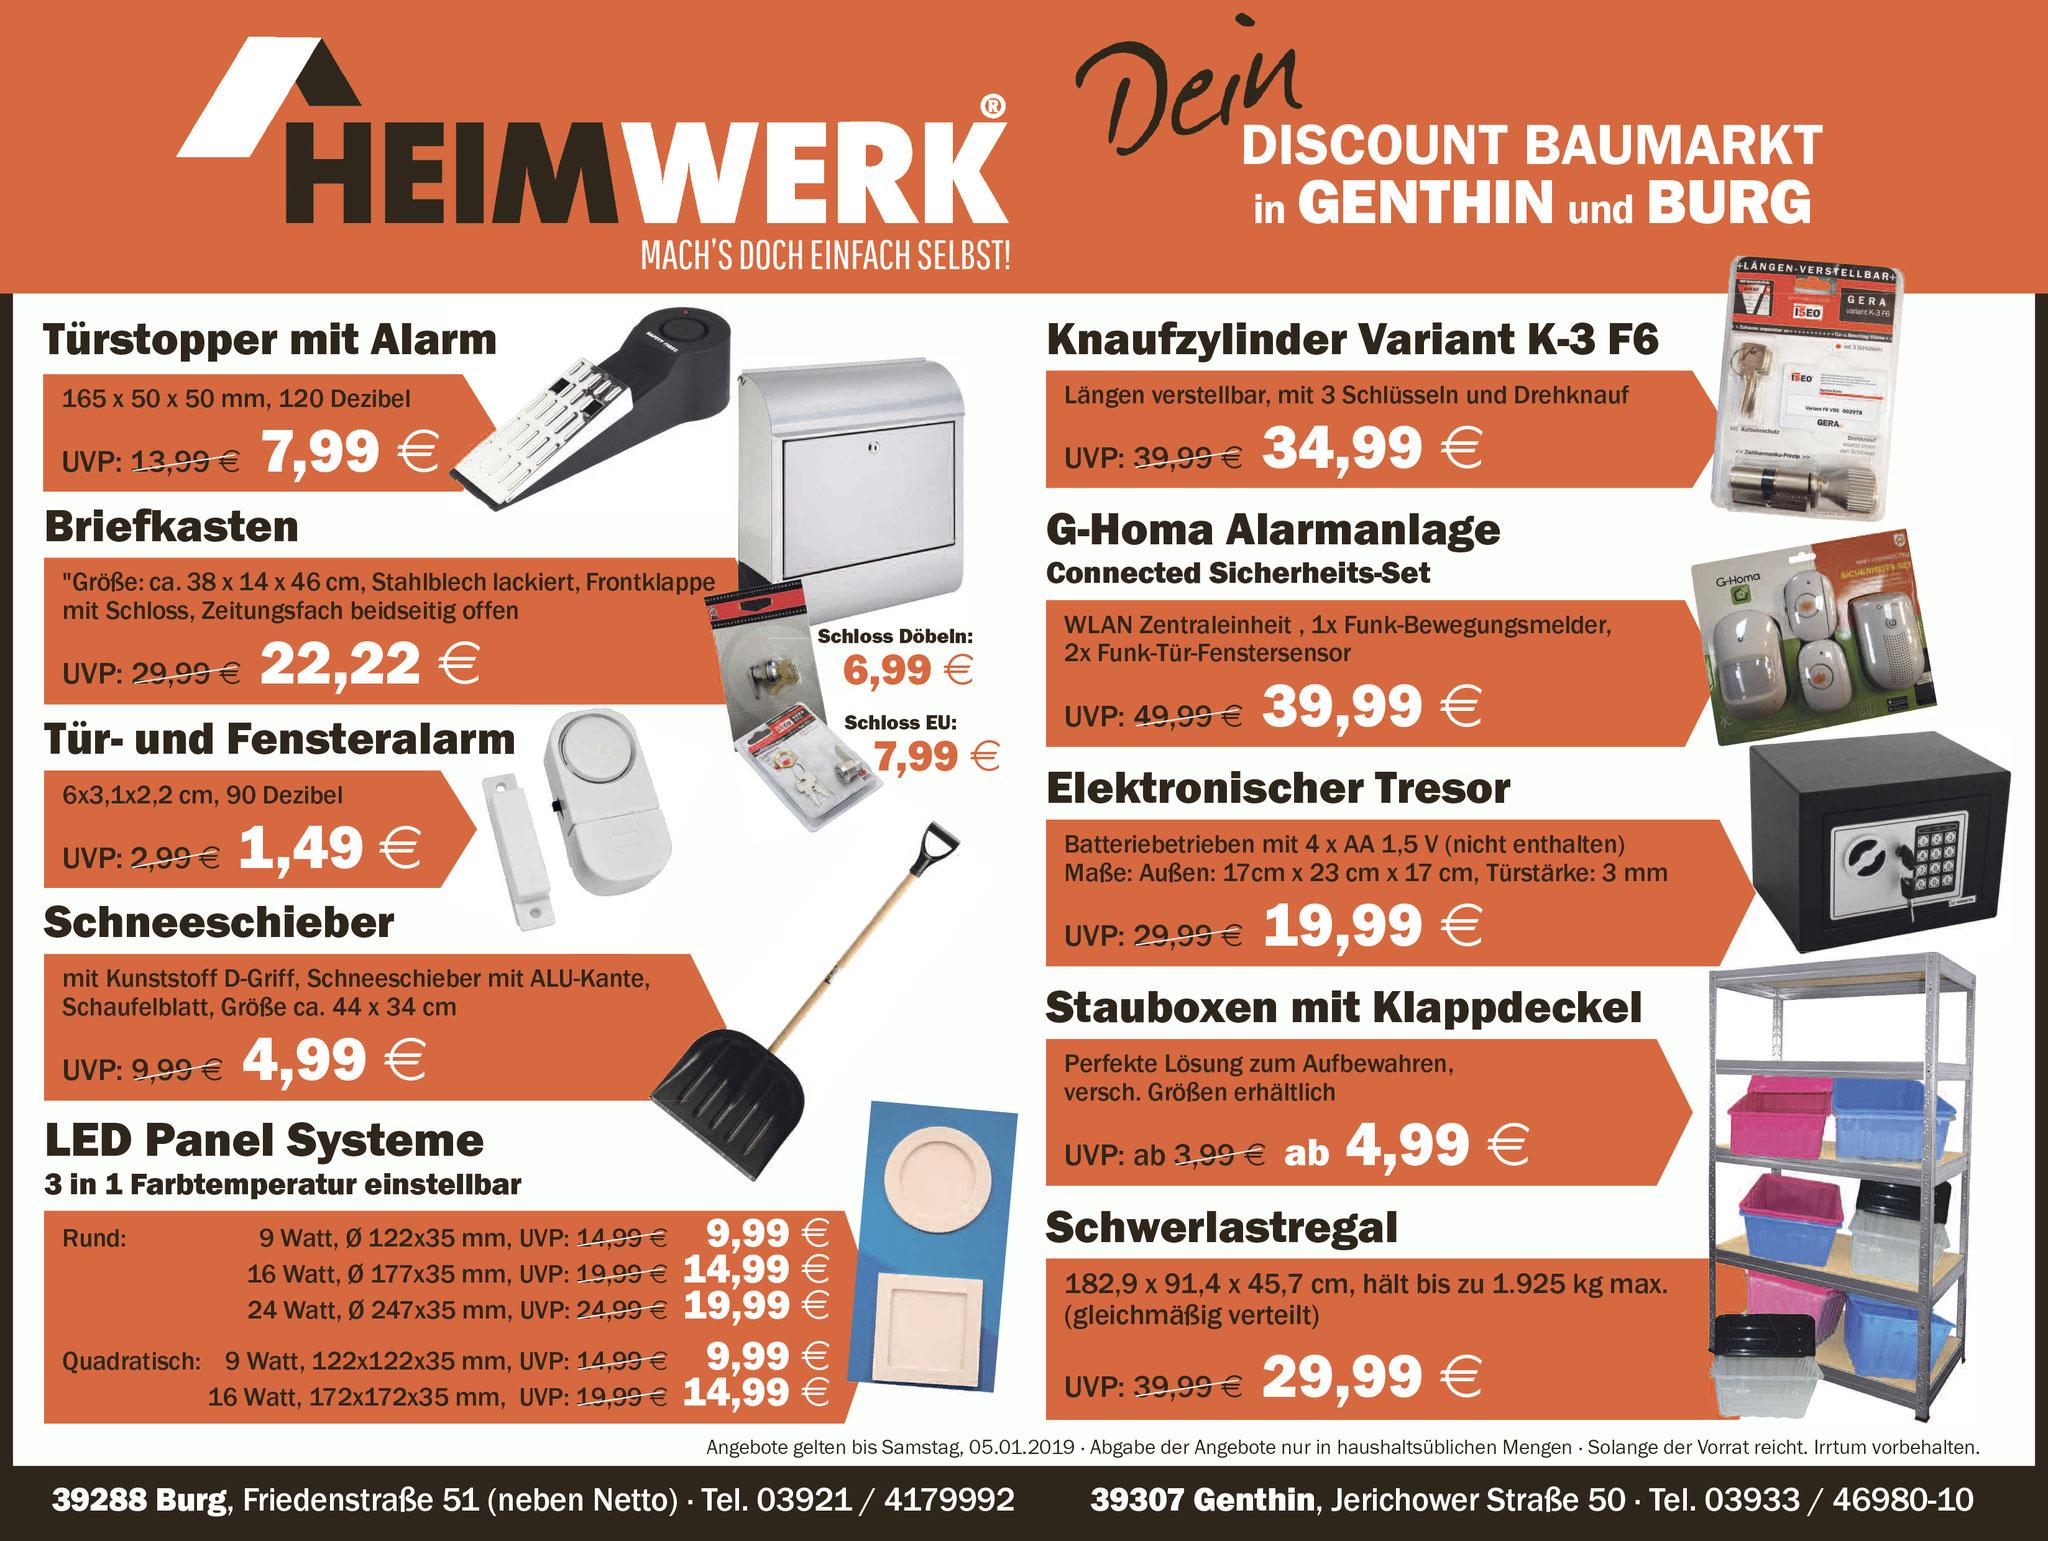 Angebote 06012019 12012019 Heimwerk Discount Baumarkt